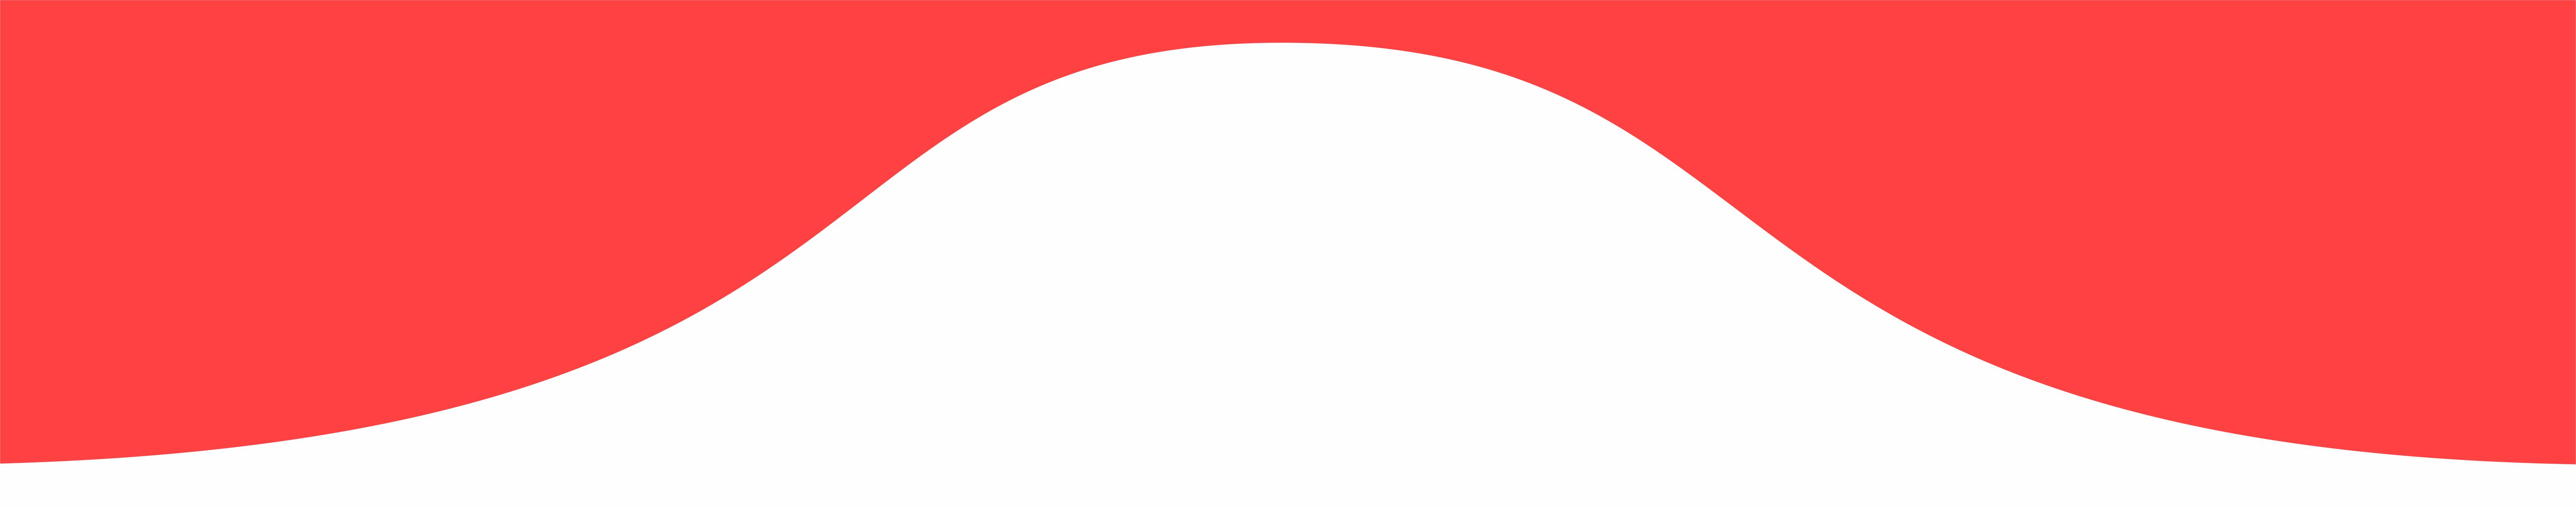 laranja12354